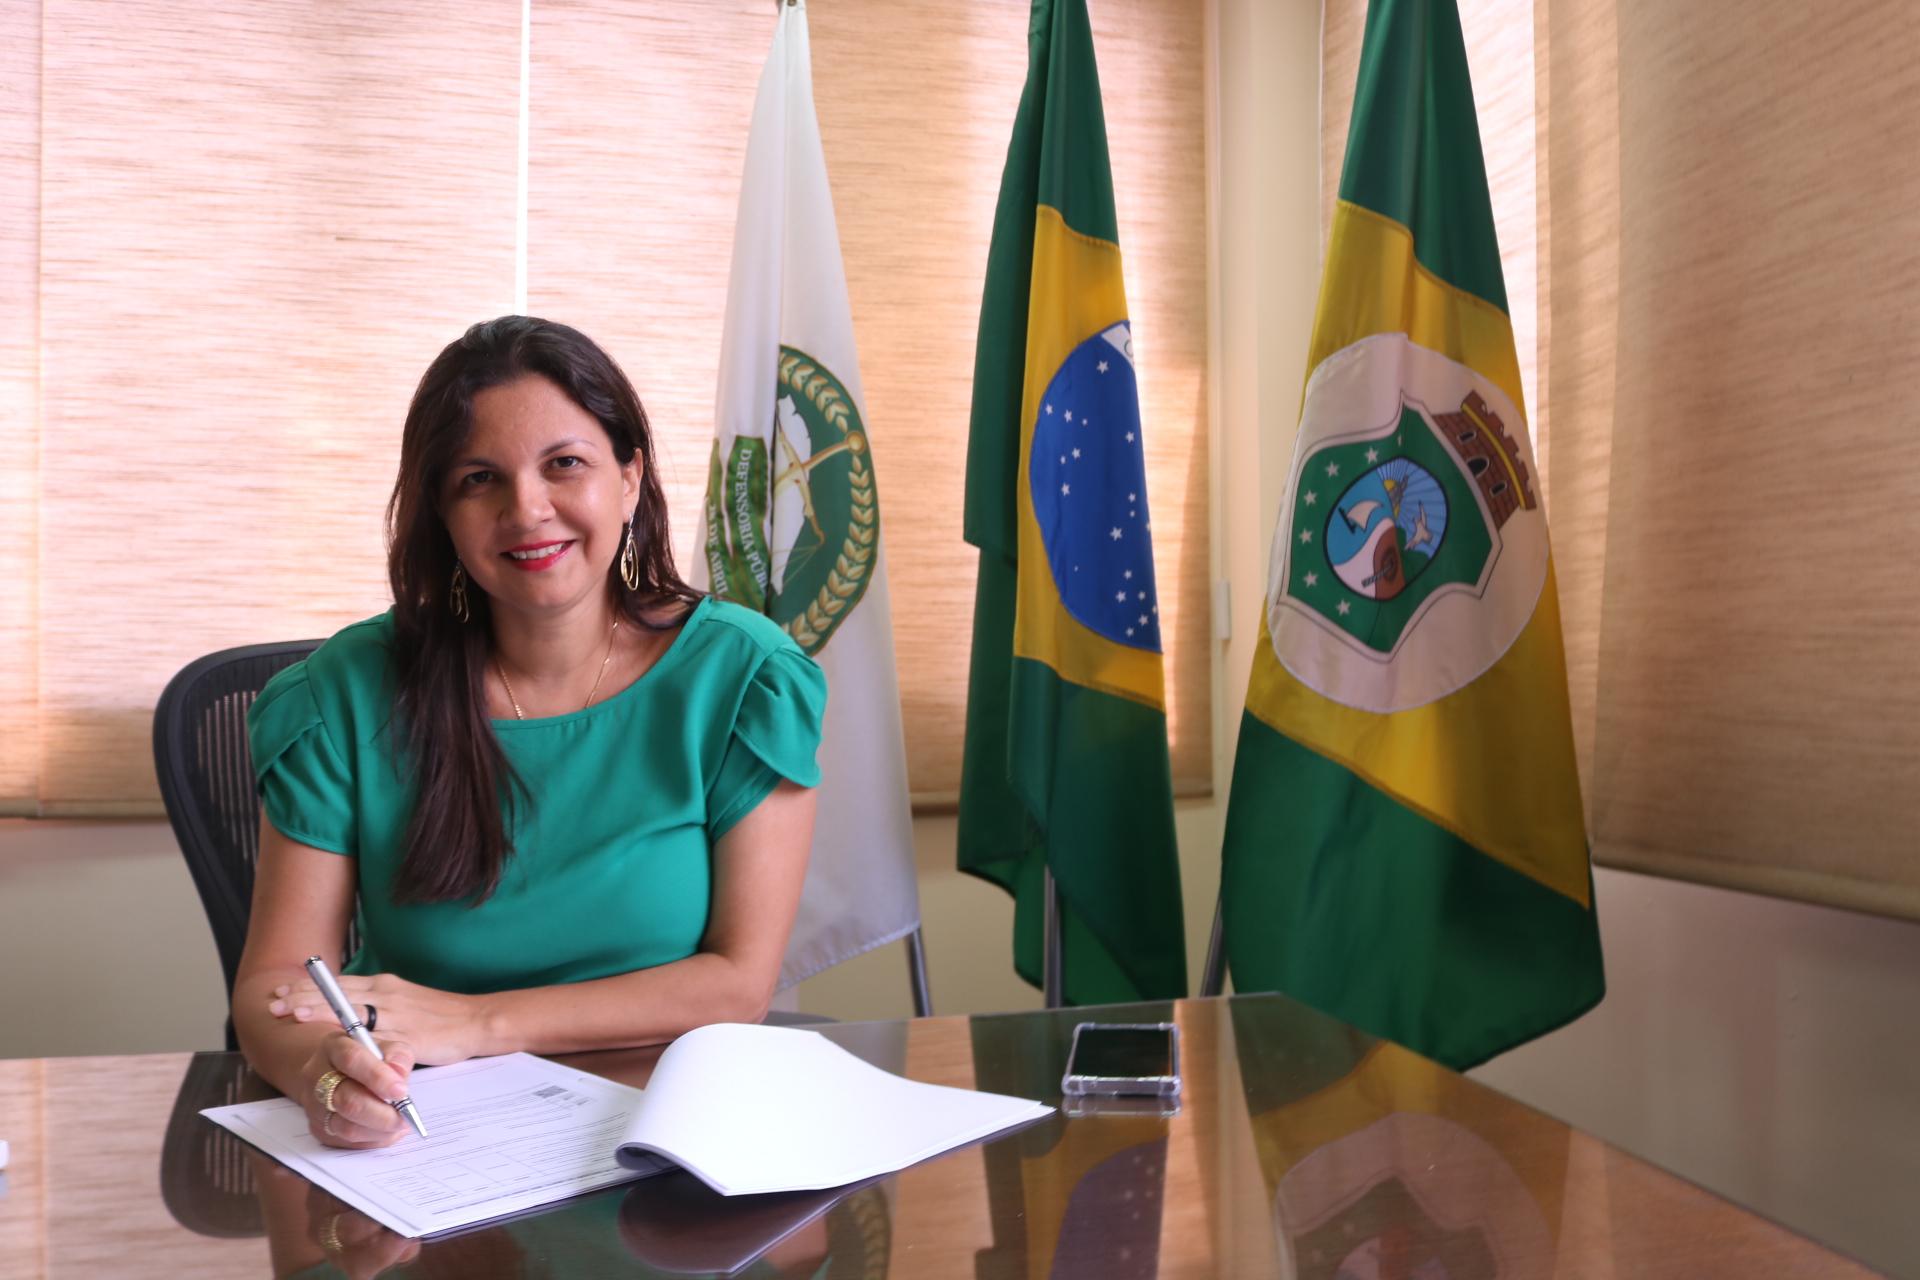 Senacon e Defensoria fazem parceria para o uso do site Consumidor.gov, auxiliando na solução extrajudicial de conflitos na seara consumerista